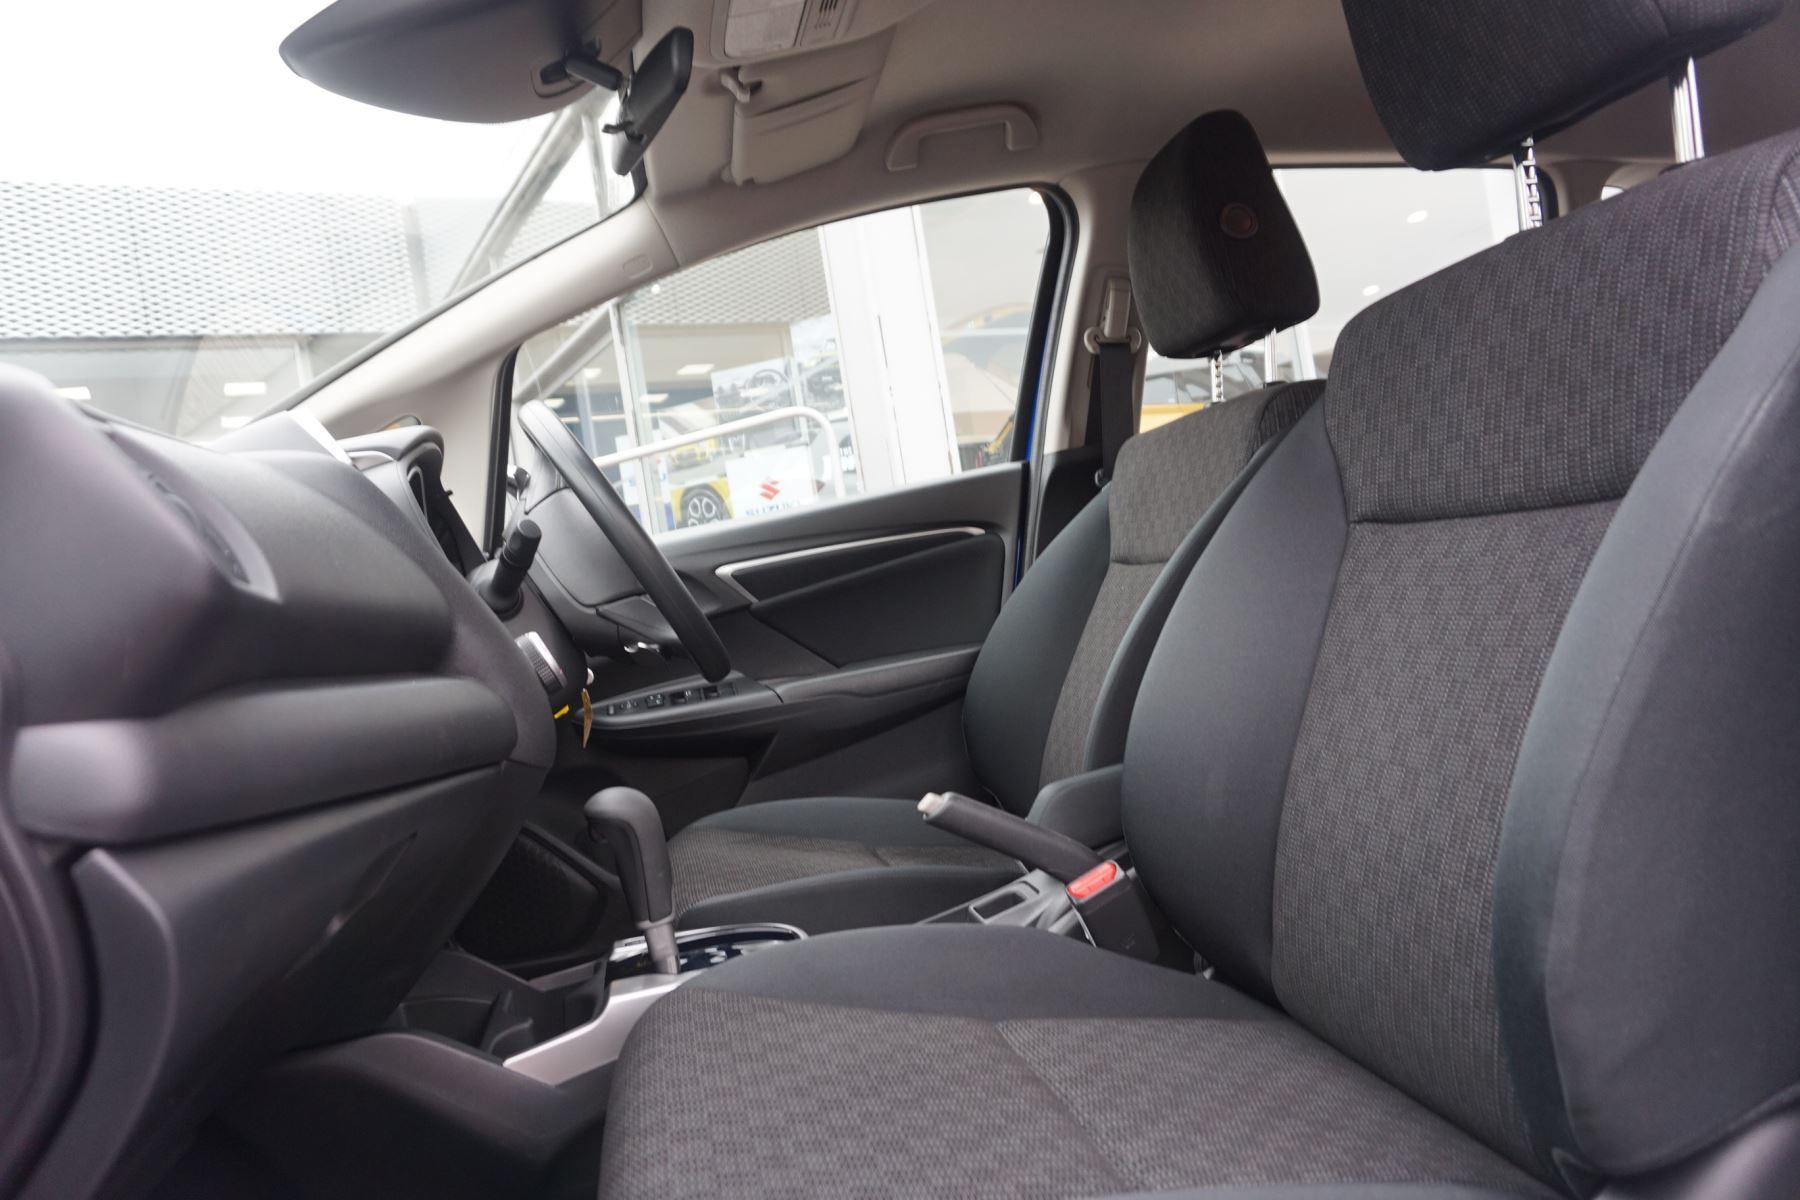 Honda Jazz 1.3 SE Navi CVT image 8